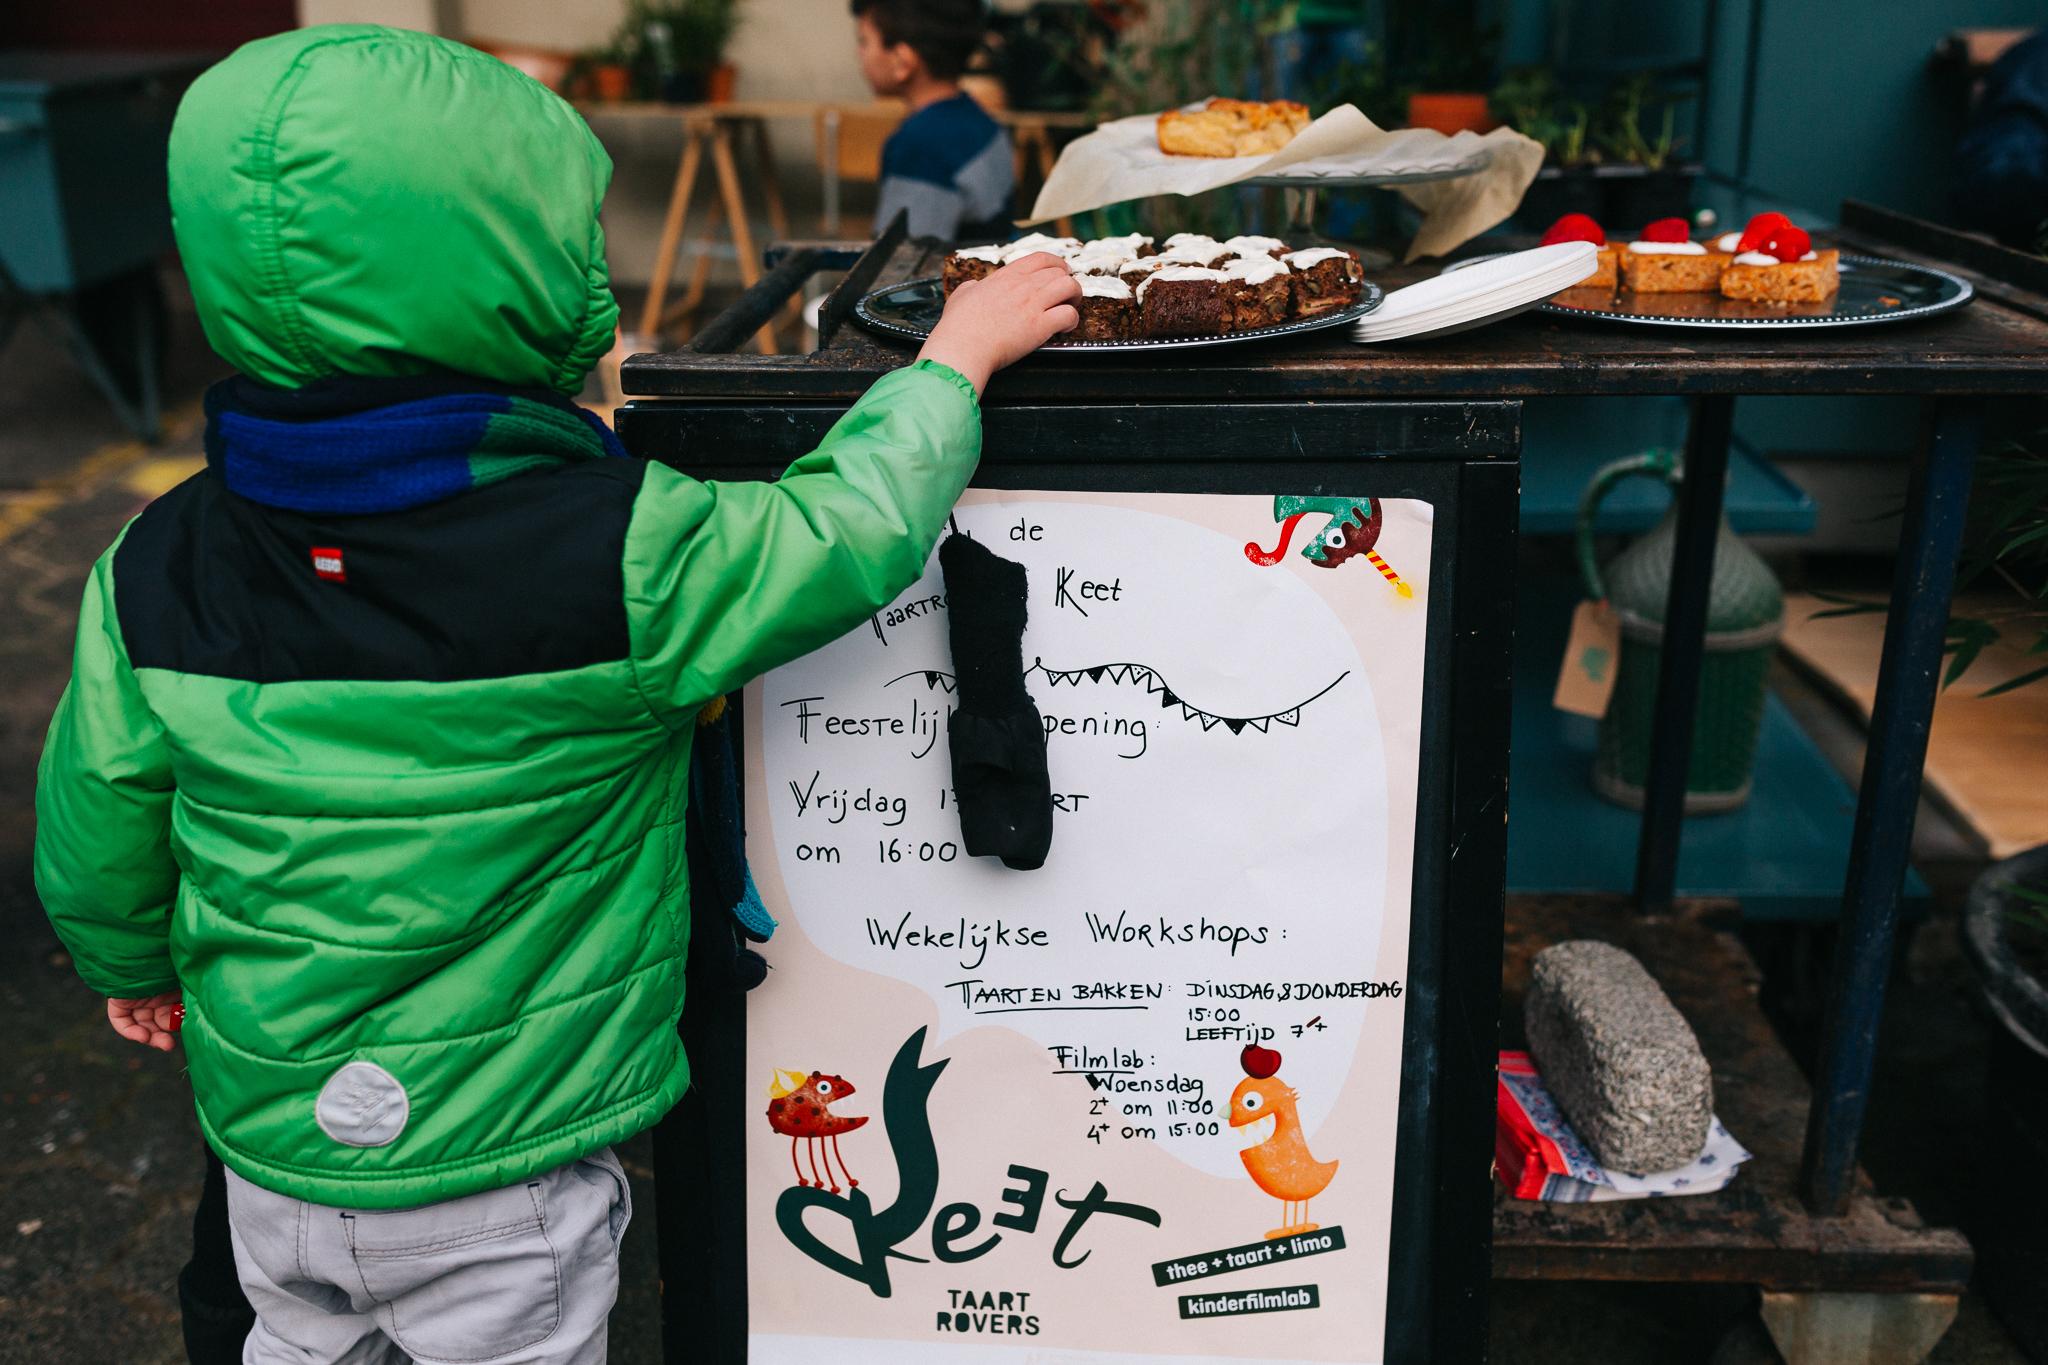 Een kindje met een groene jas pakt van een schaal met taartjes